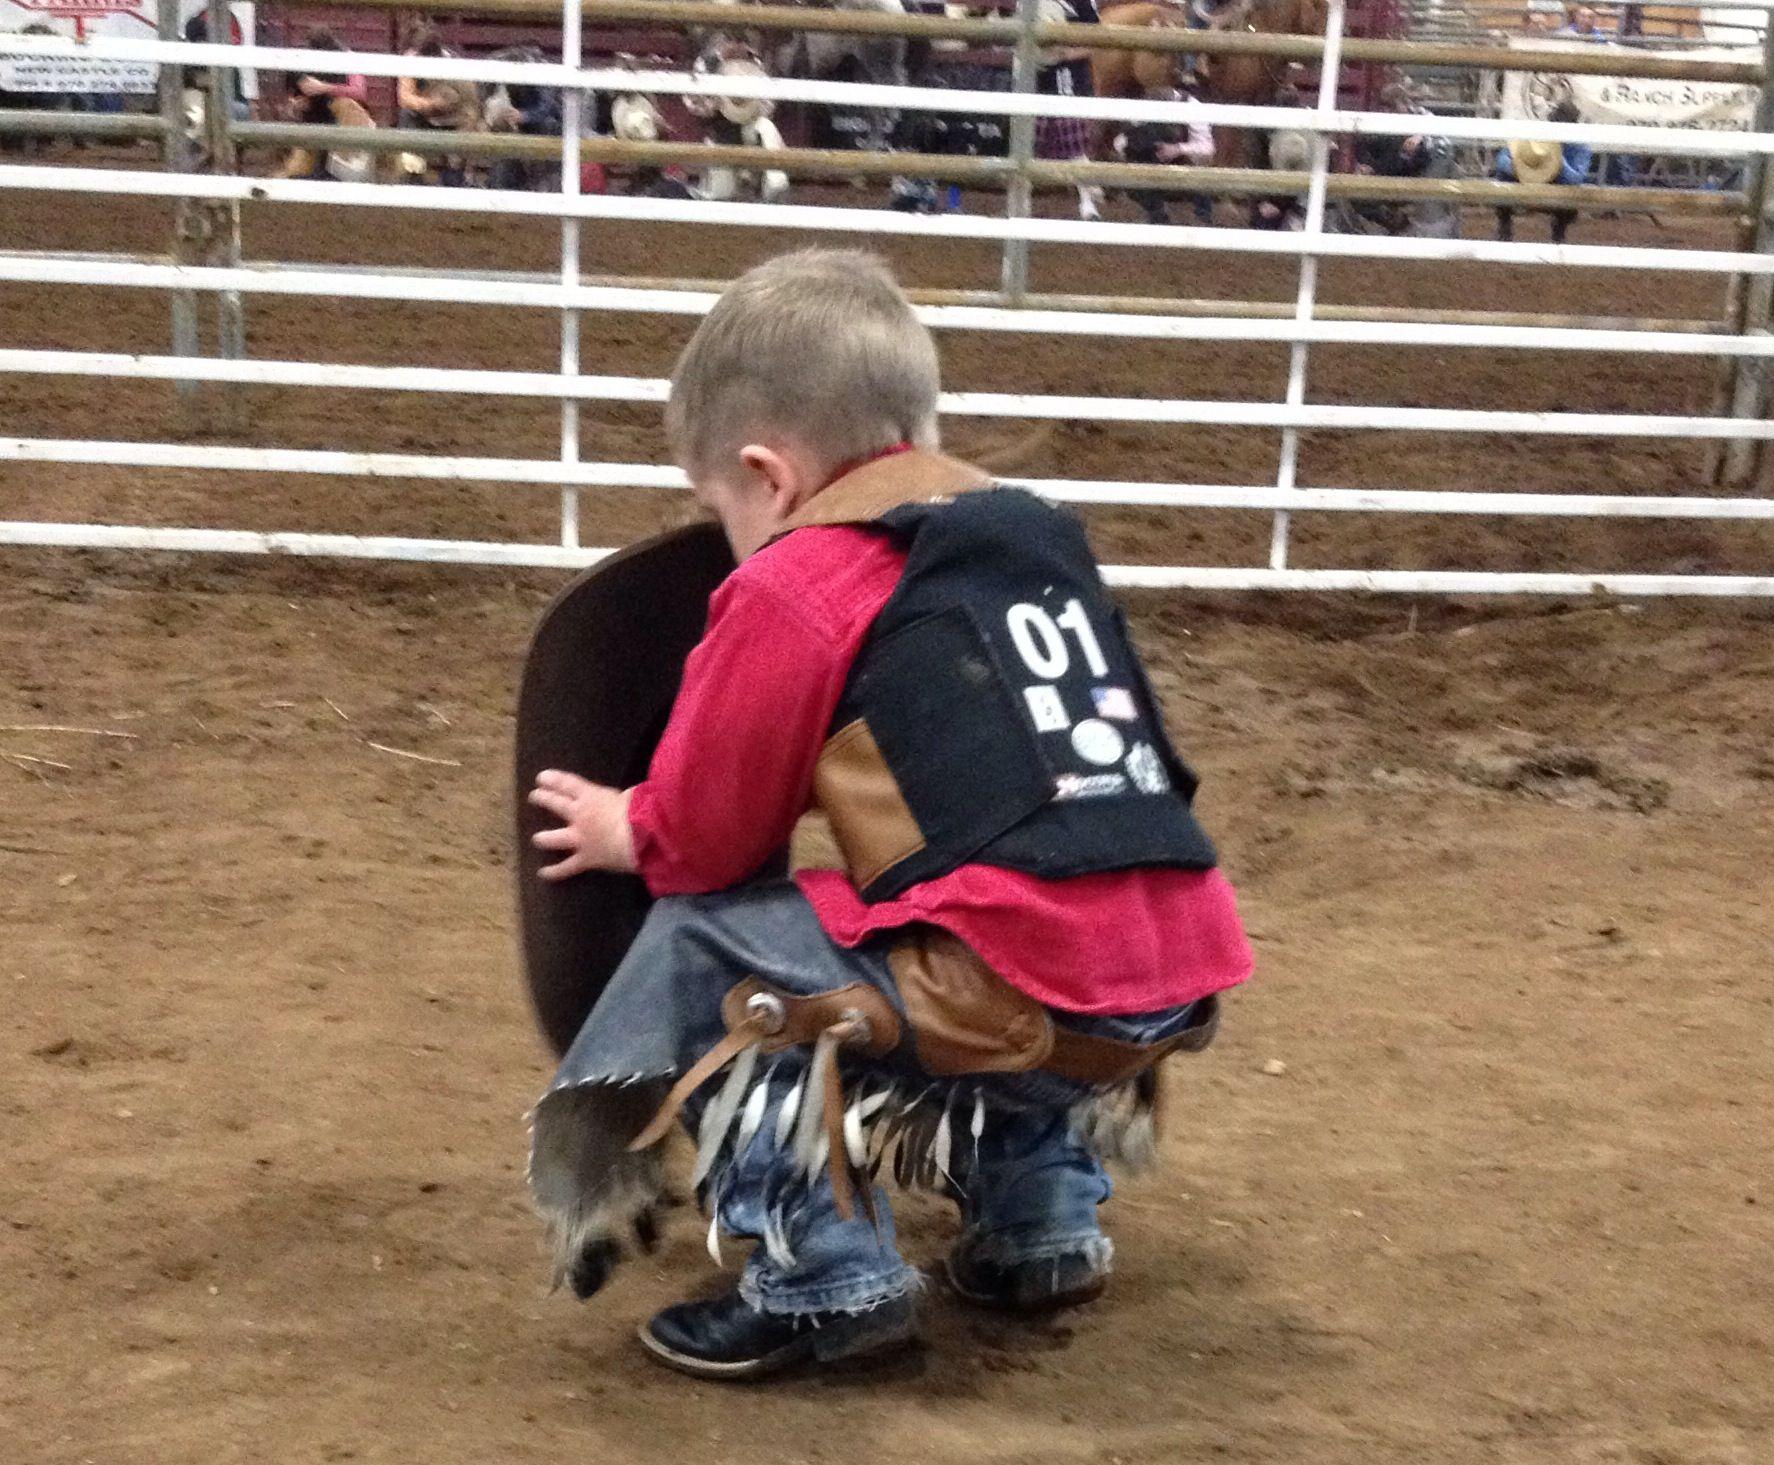 Real cowboys pray